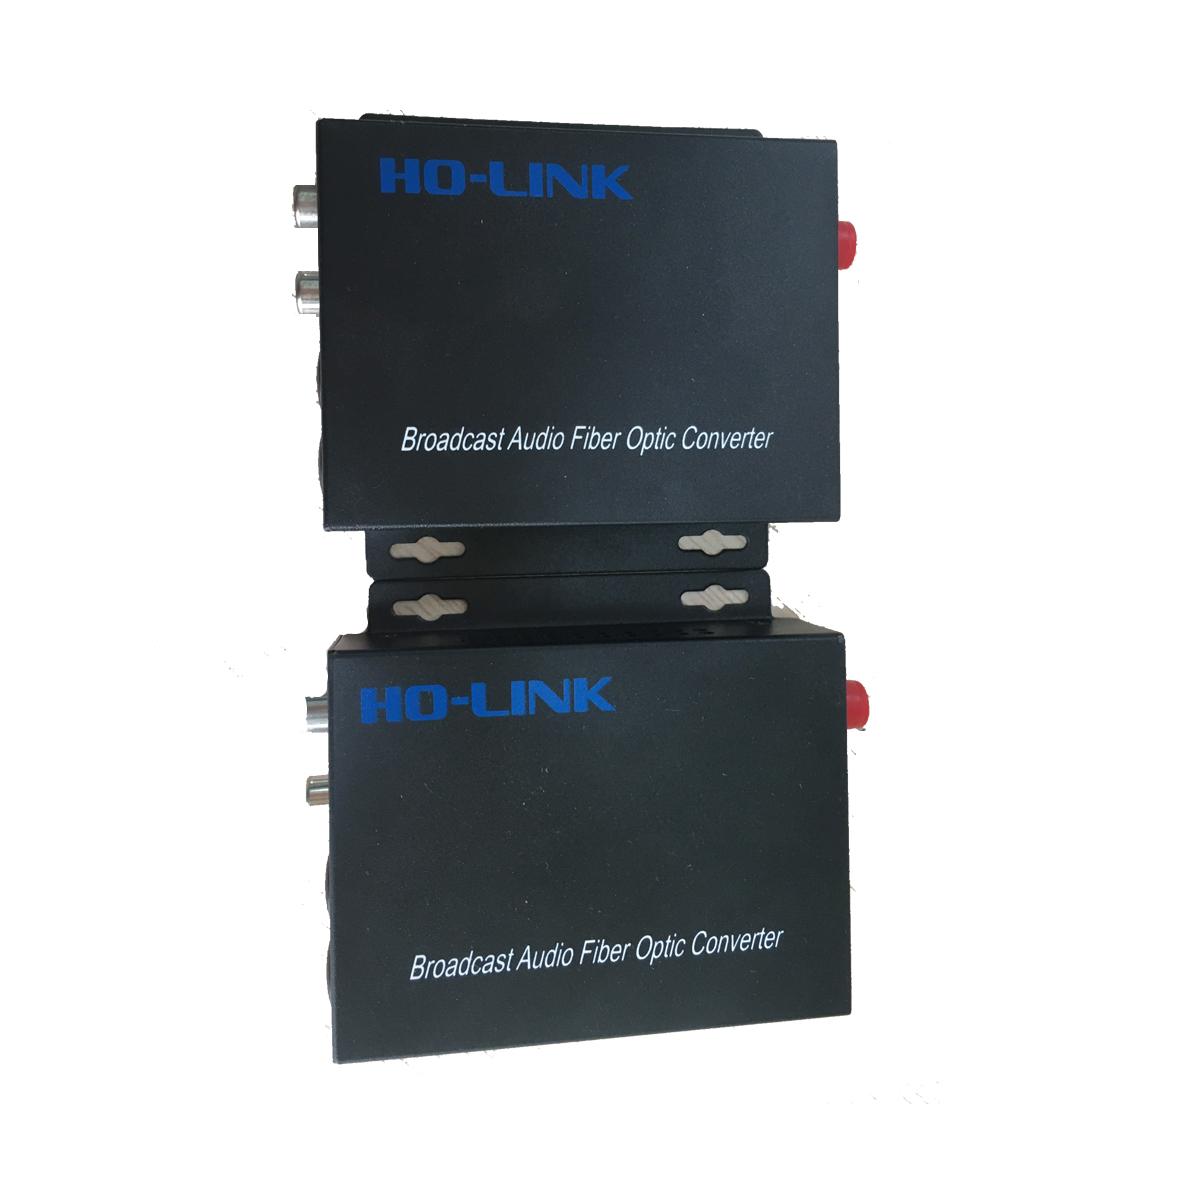 Bộ chuyển đổi audio sang quang 1 chiều Holink HL-AS-20T/R (2 thiết bị) - Hàng Chính Hãng